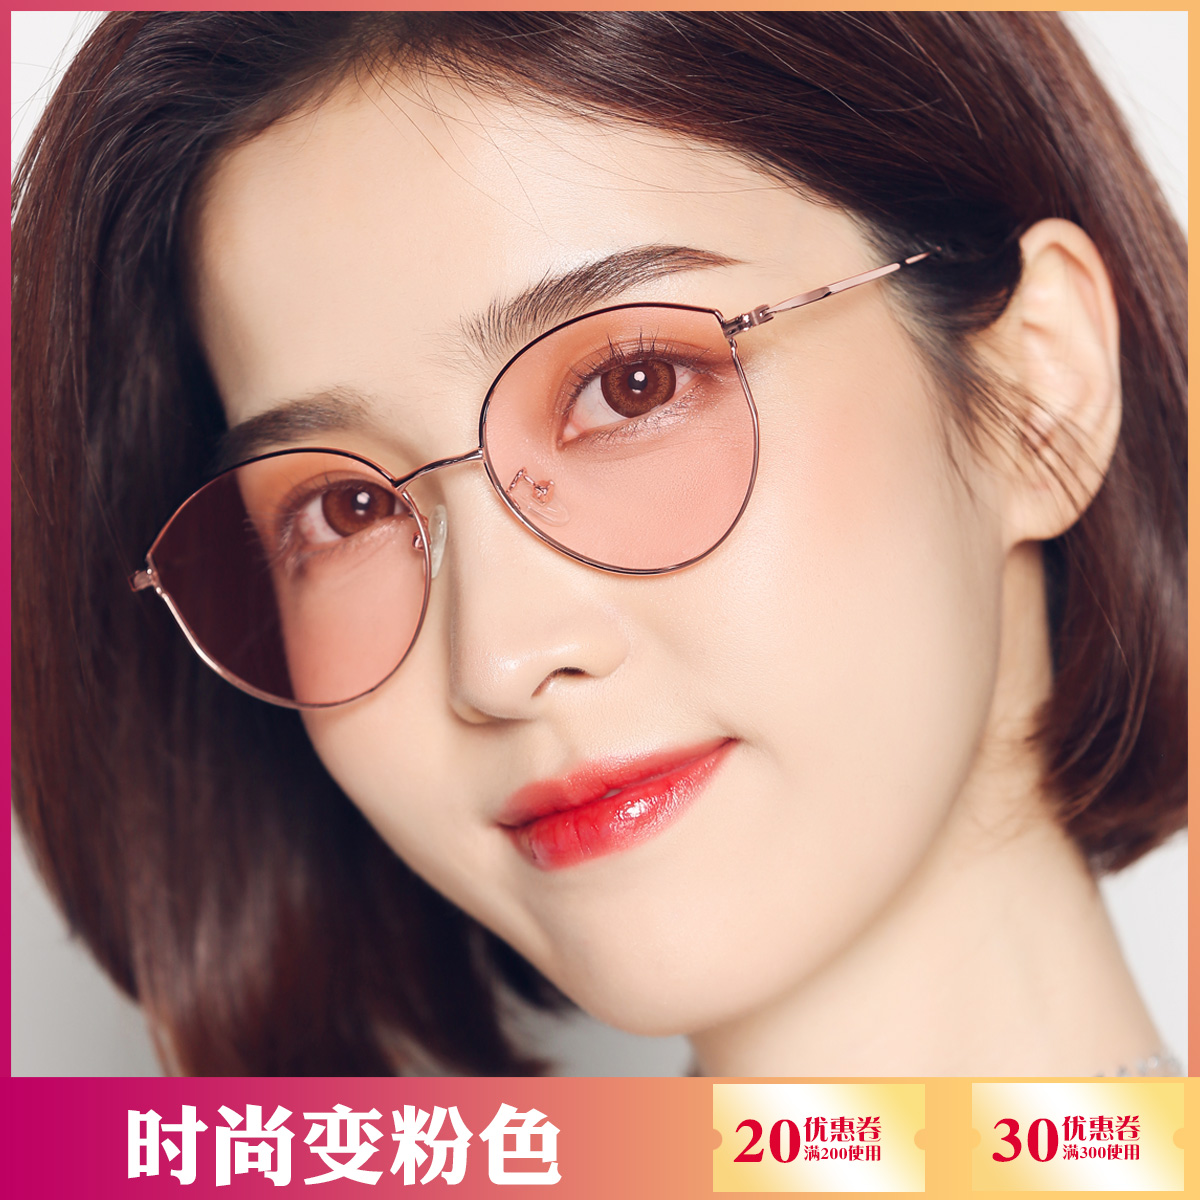 防蓝光近视眼镜红眼镜平光防辐射金色网